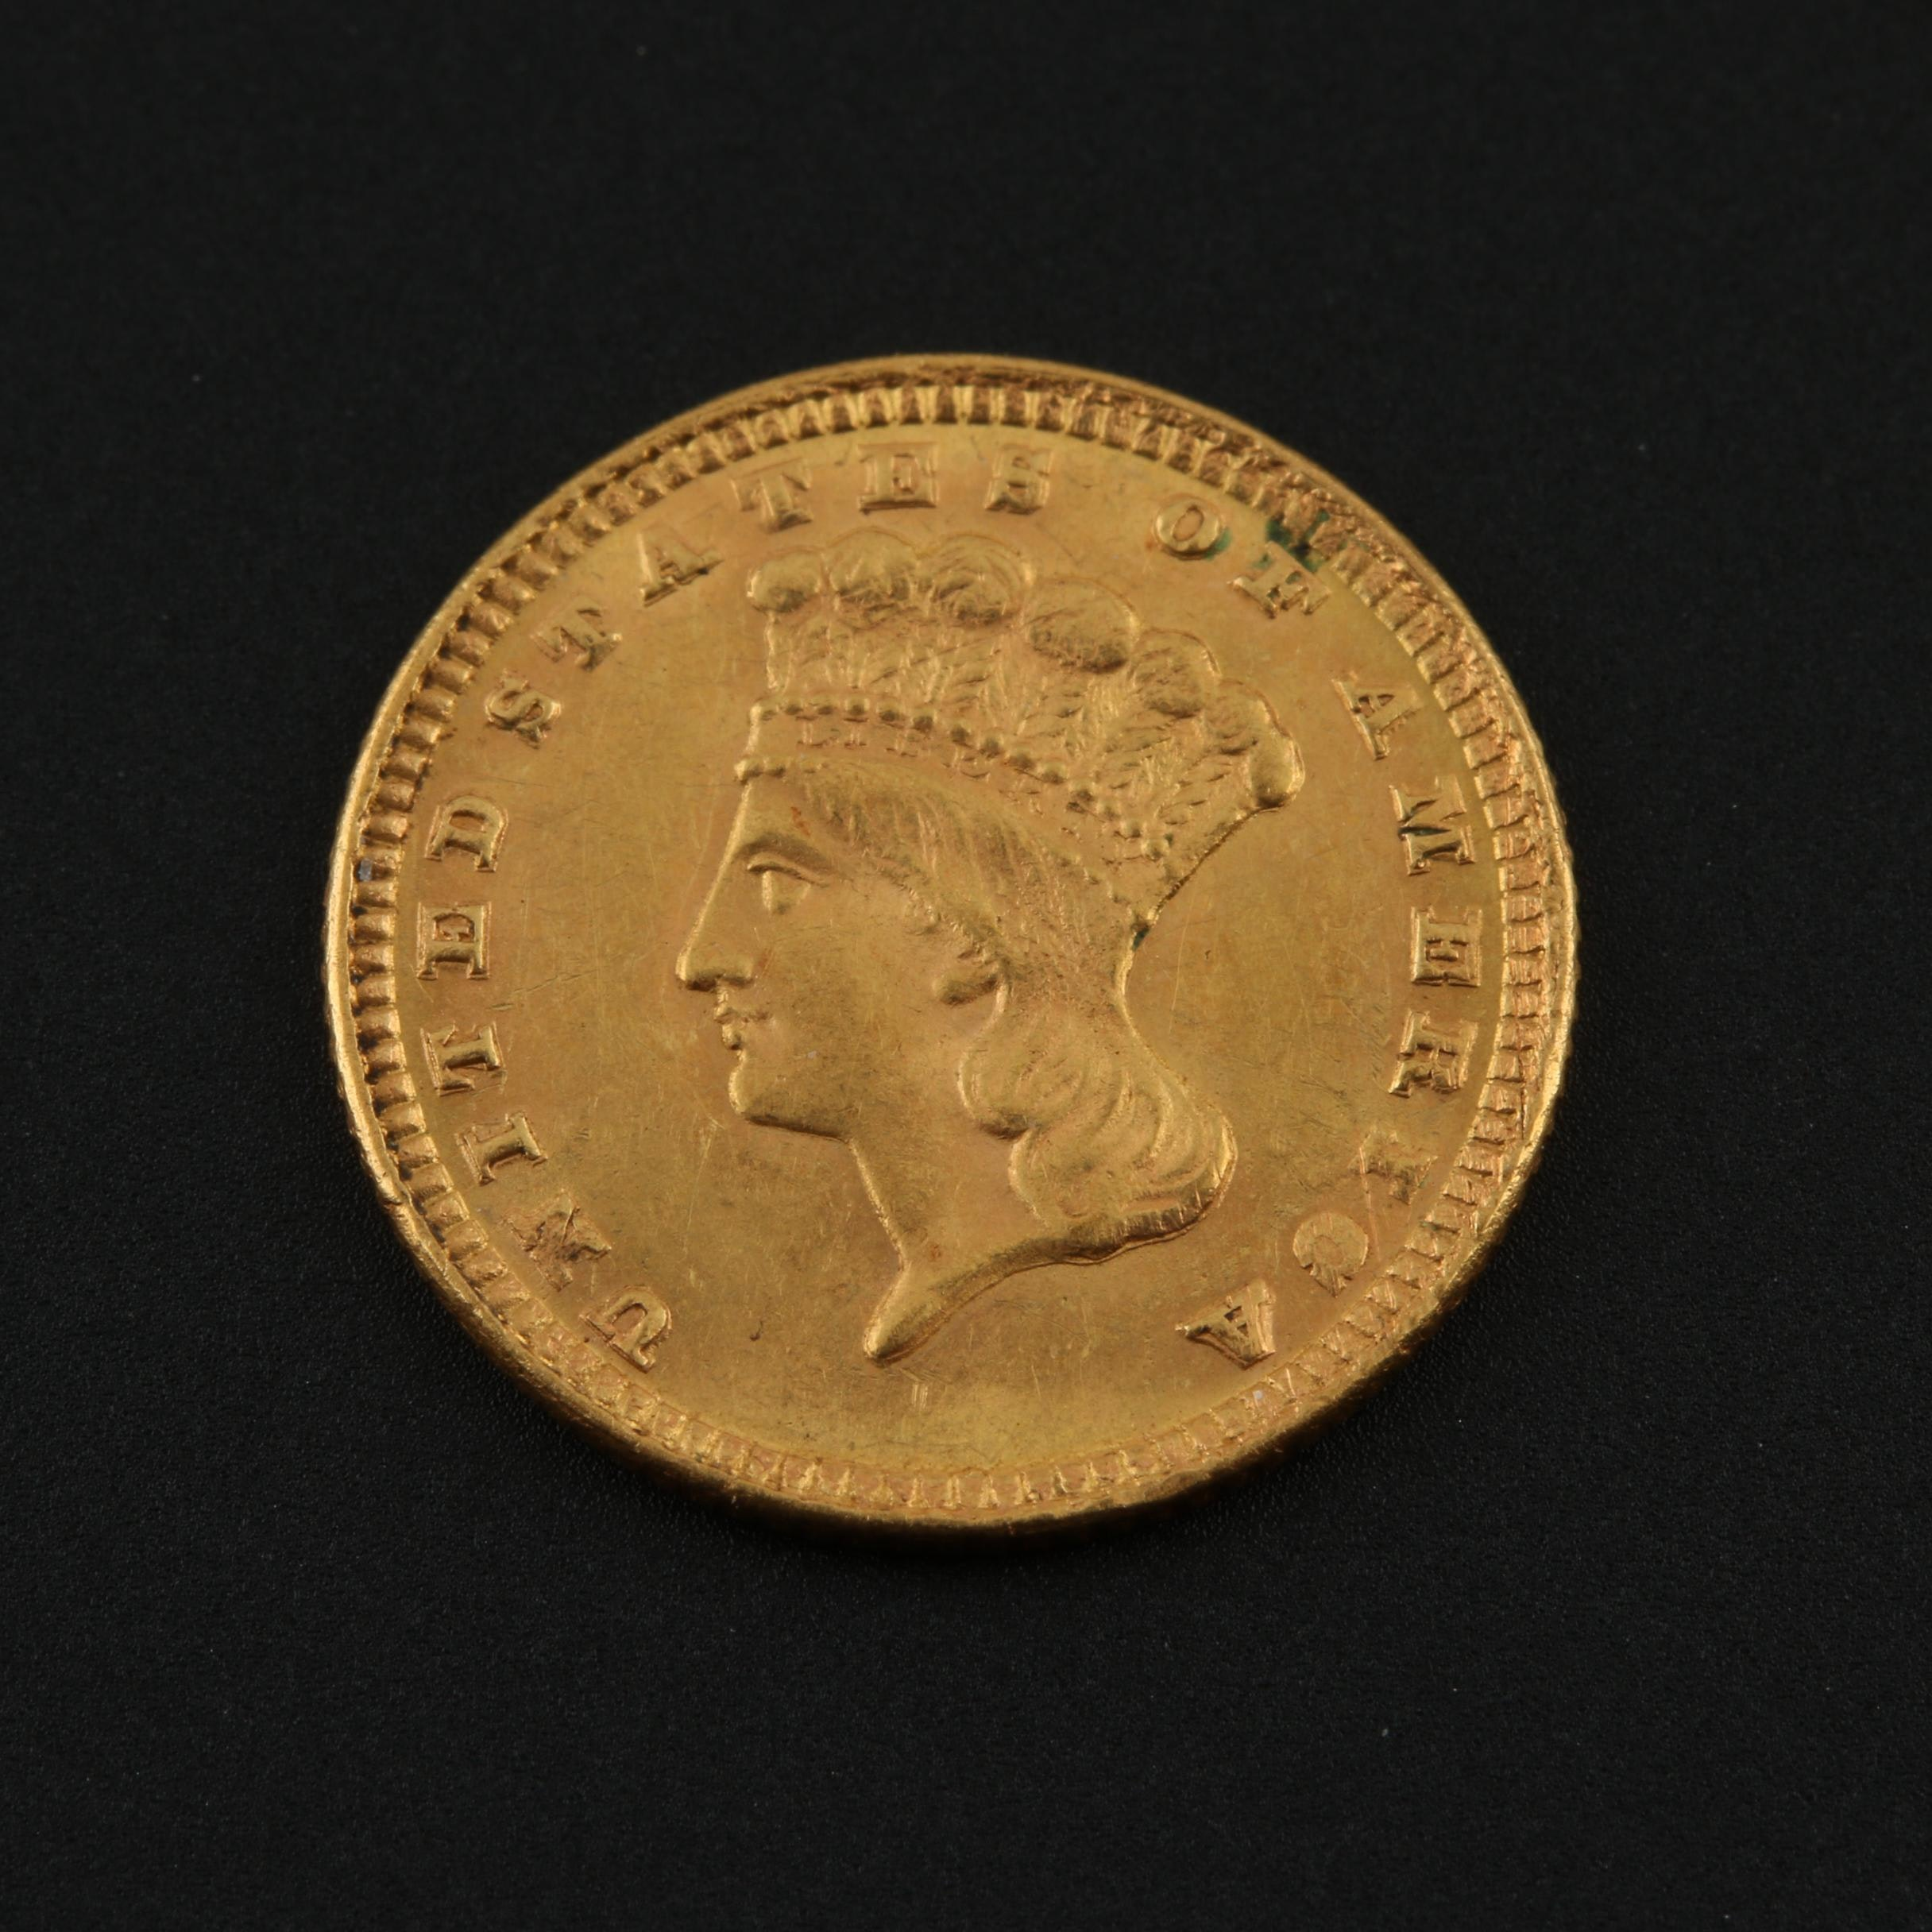 1885 Indian Princess Head Gold Dollar